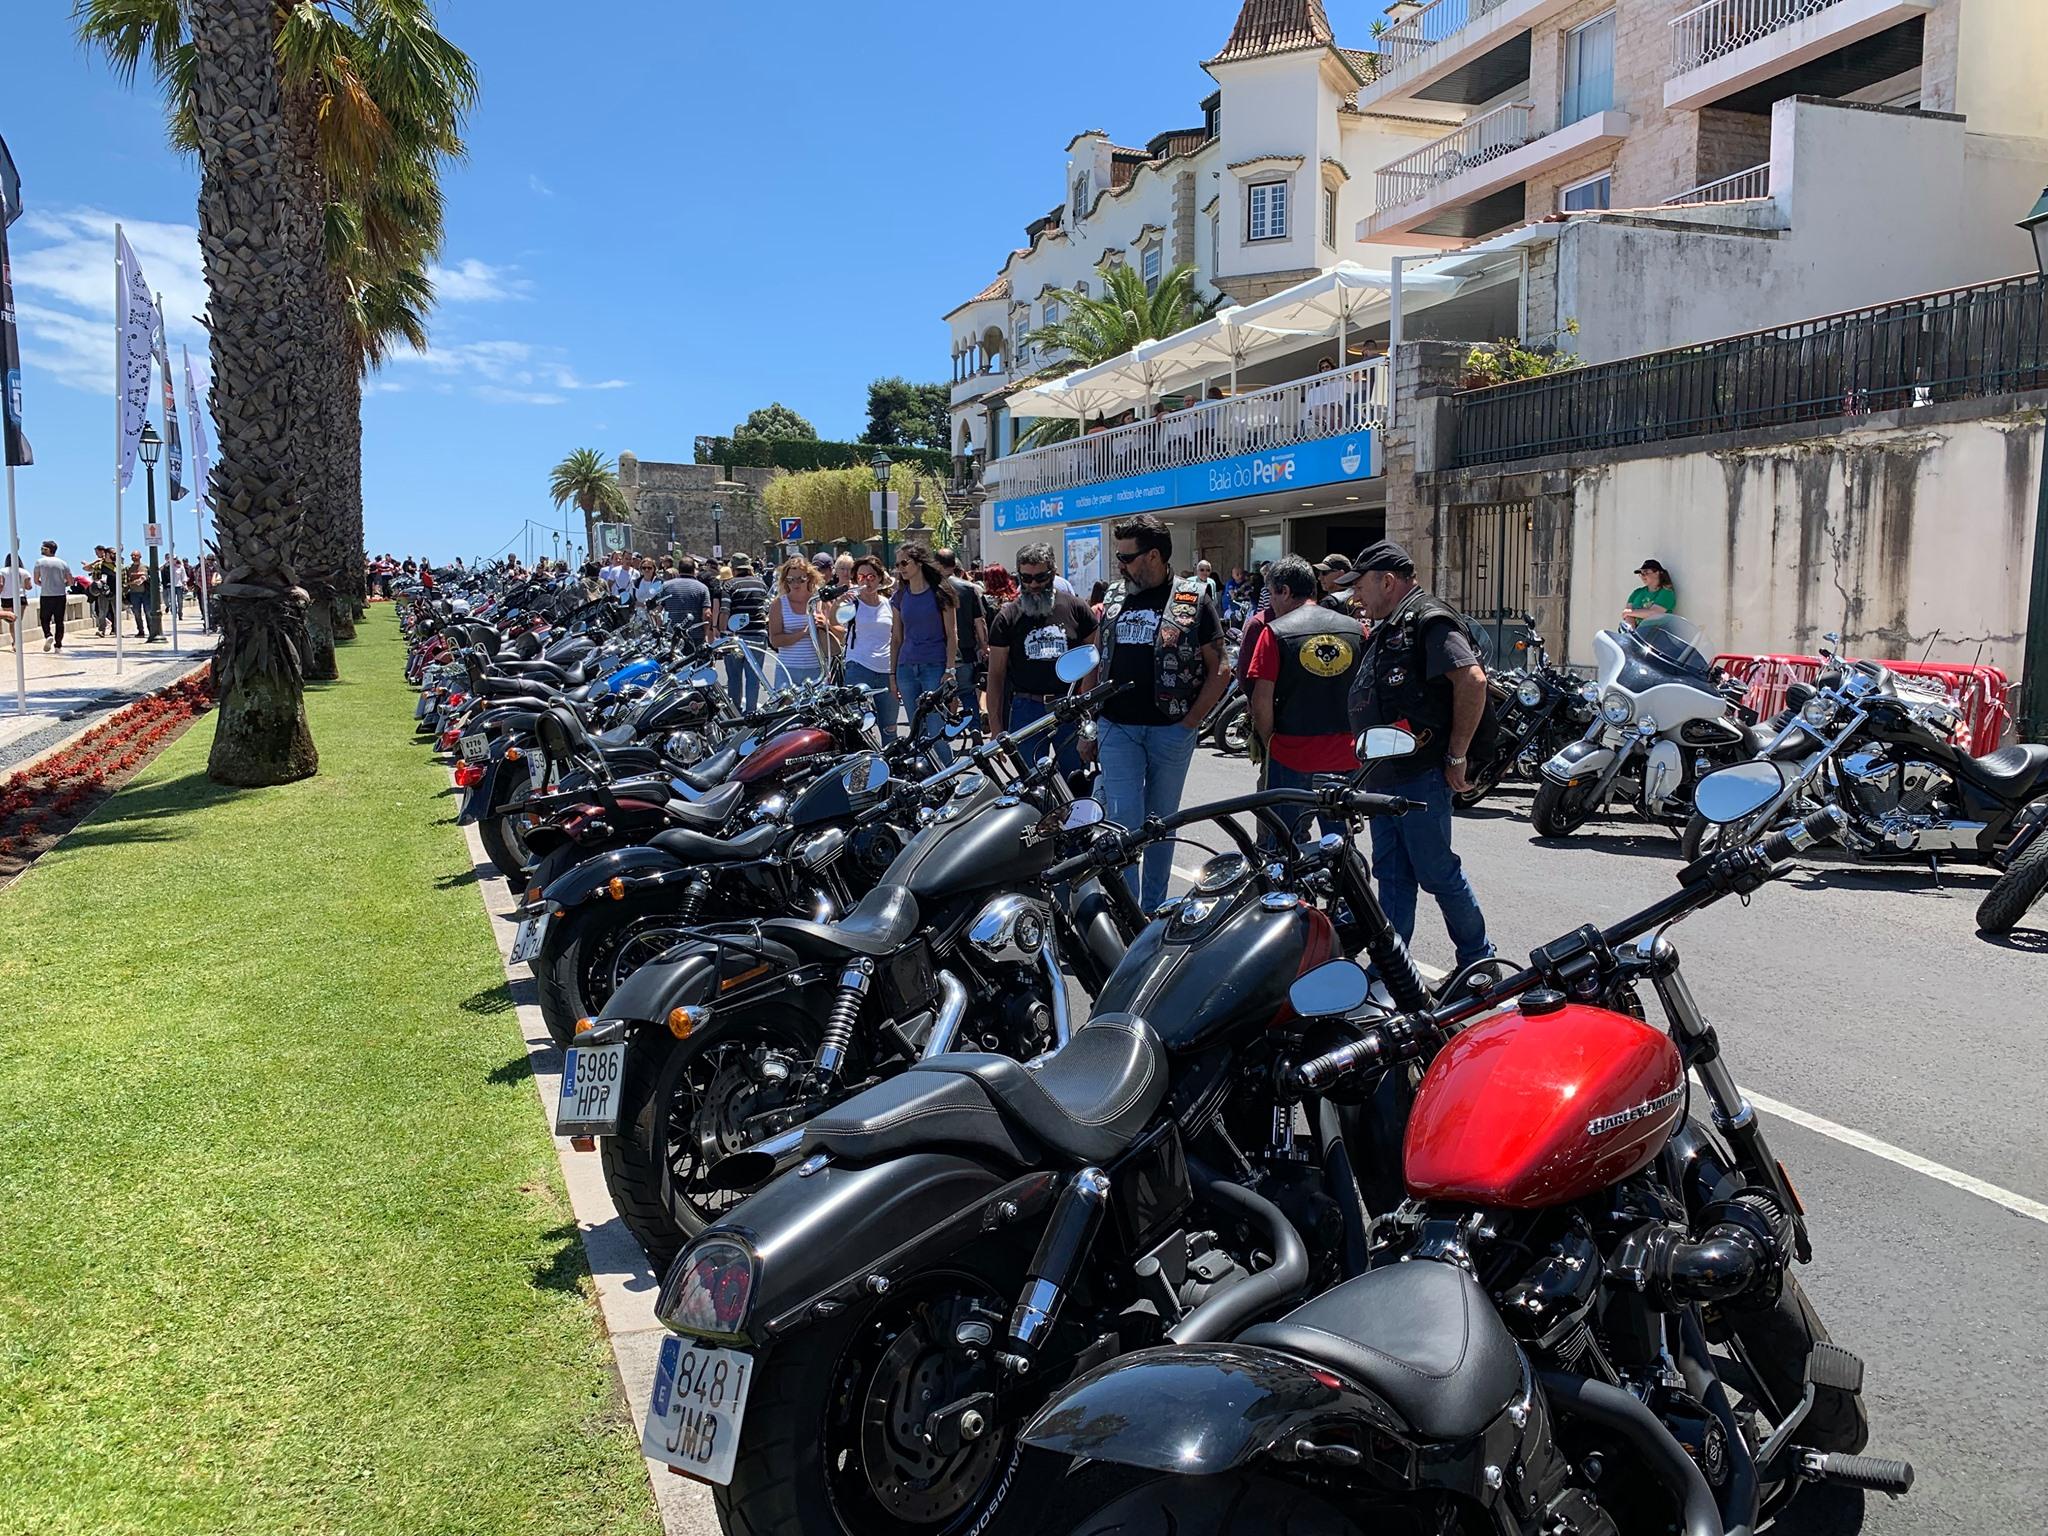 Filas de motos H-D aparcadas en el europeo de Cascais